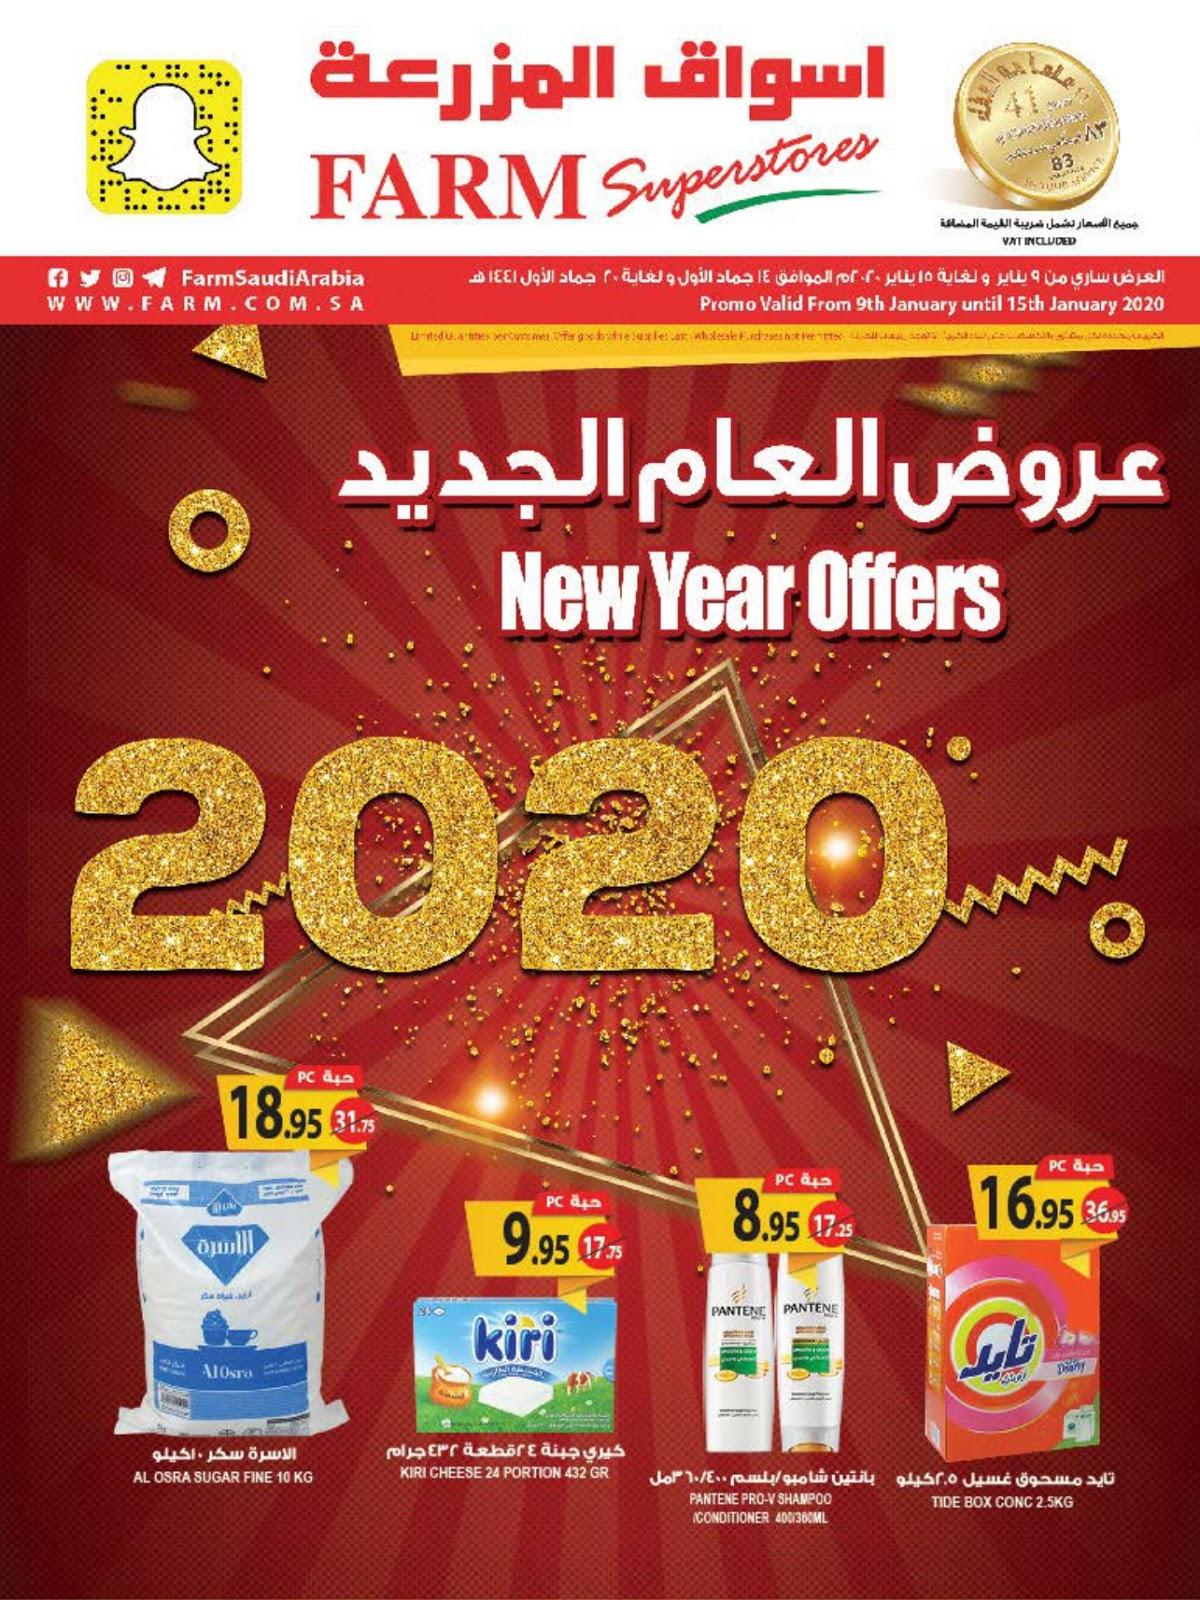 عروض اسواق المزرعة جدة و المنطقة الجنوبية الاسبوعية السعودية من 9 يناير حتى 15 يناير 2020عروض العام الجديد